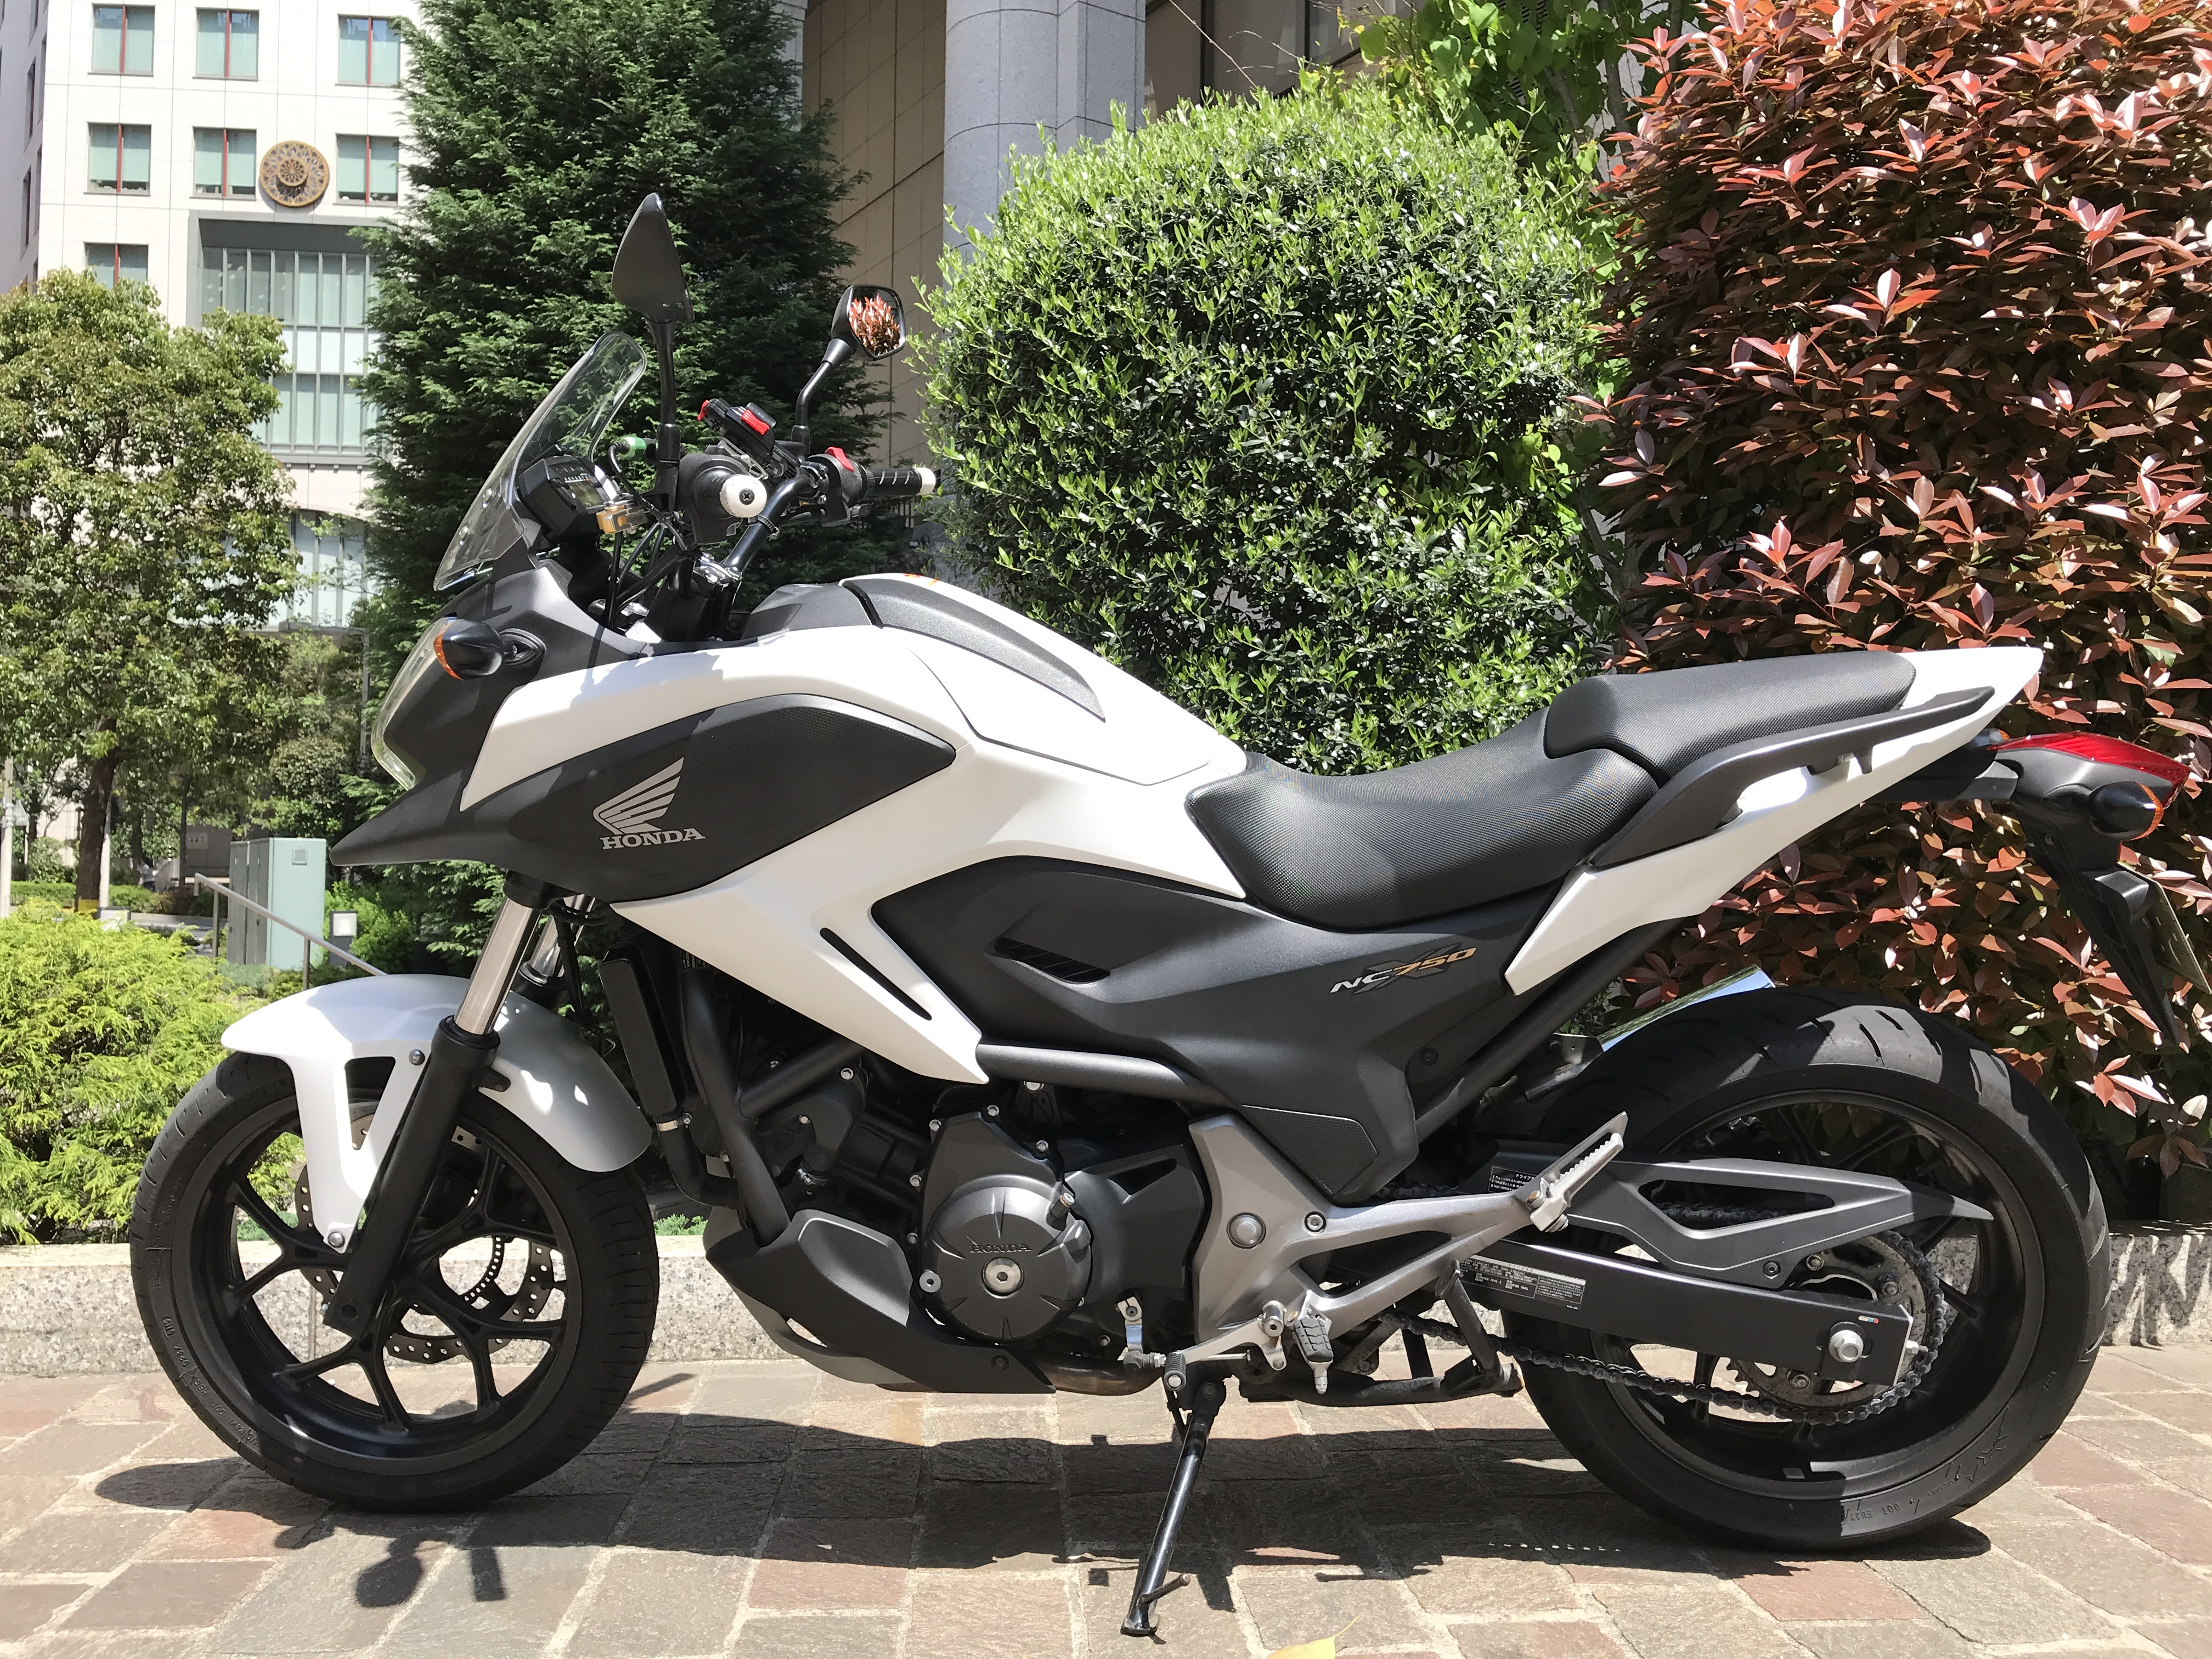 NC750X (HN-00) - 【公式】レンタルバイクのベストBike® 水天宮駅前